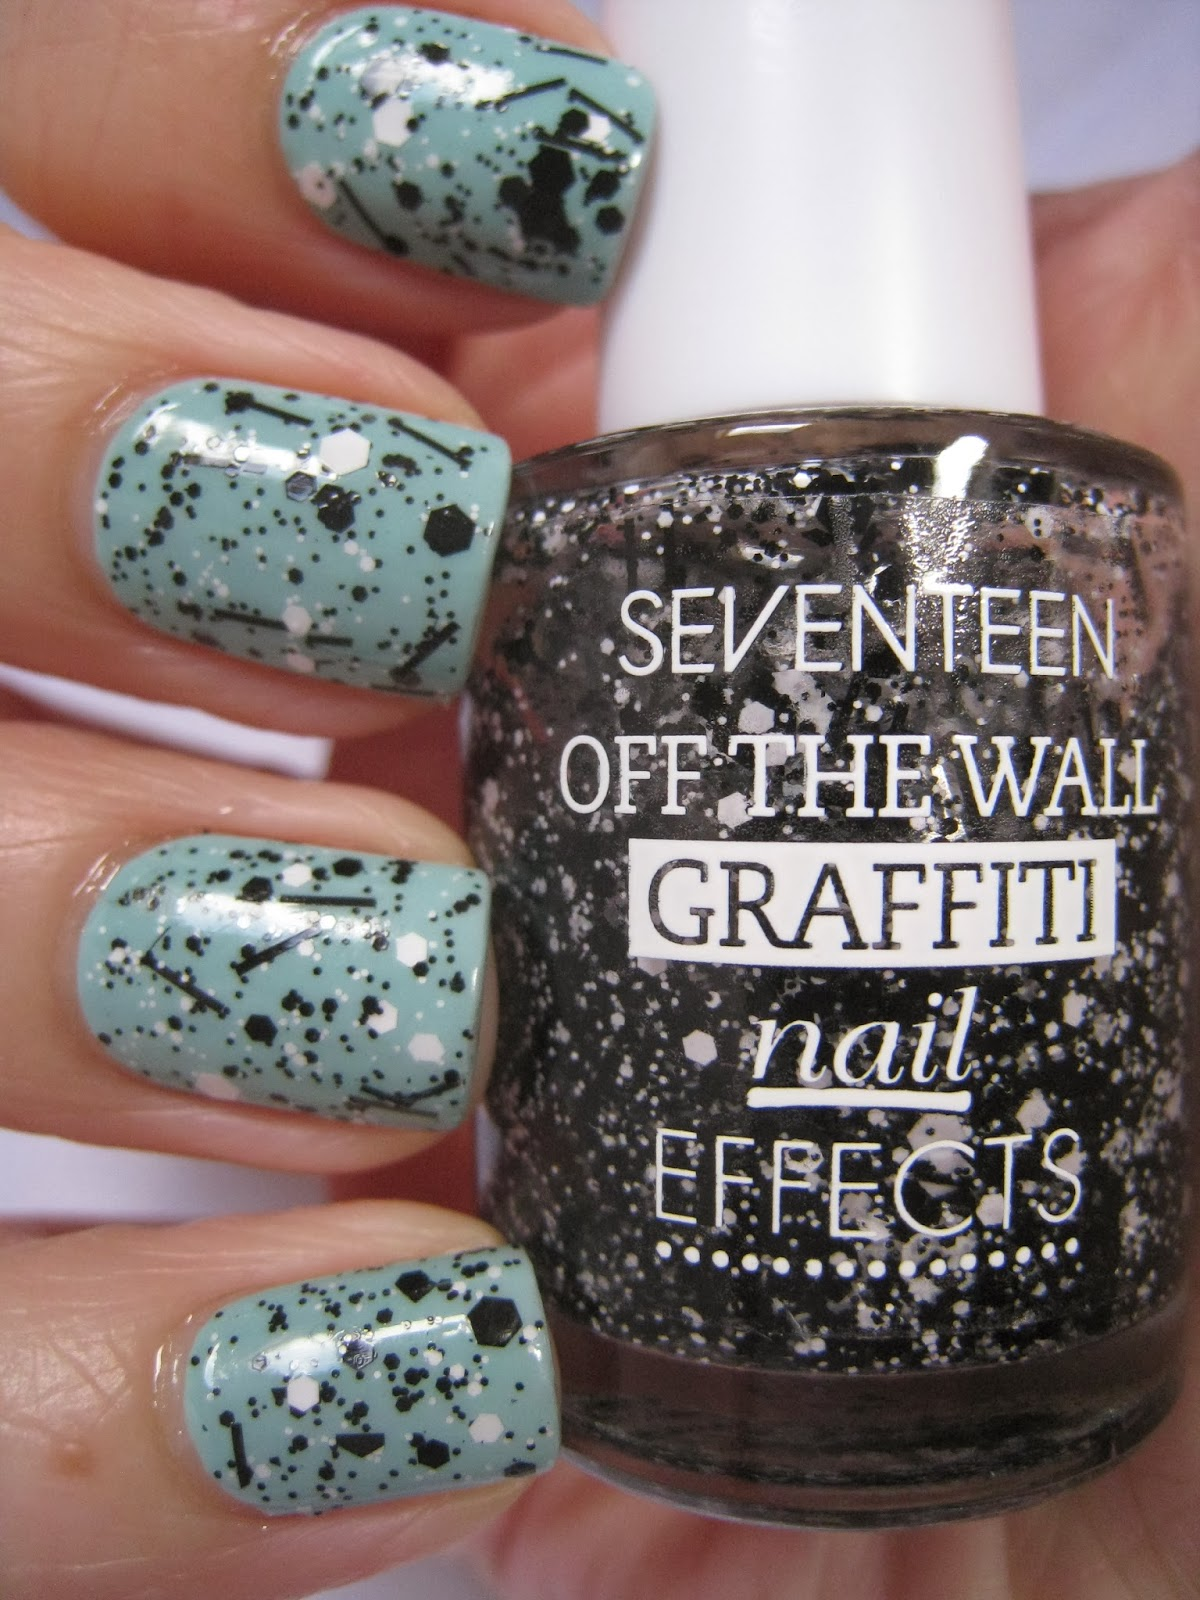 Seventeen-Mint-Choc-Chip-Monochrome-black-white-glitter